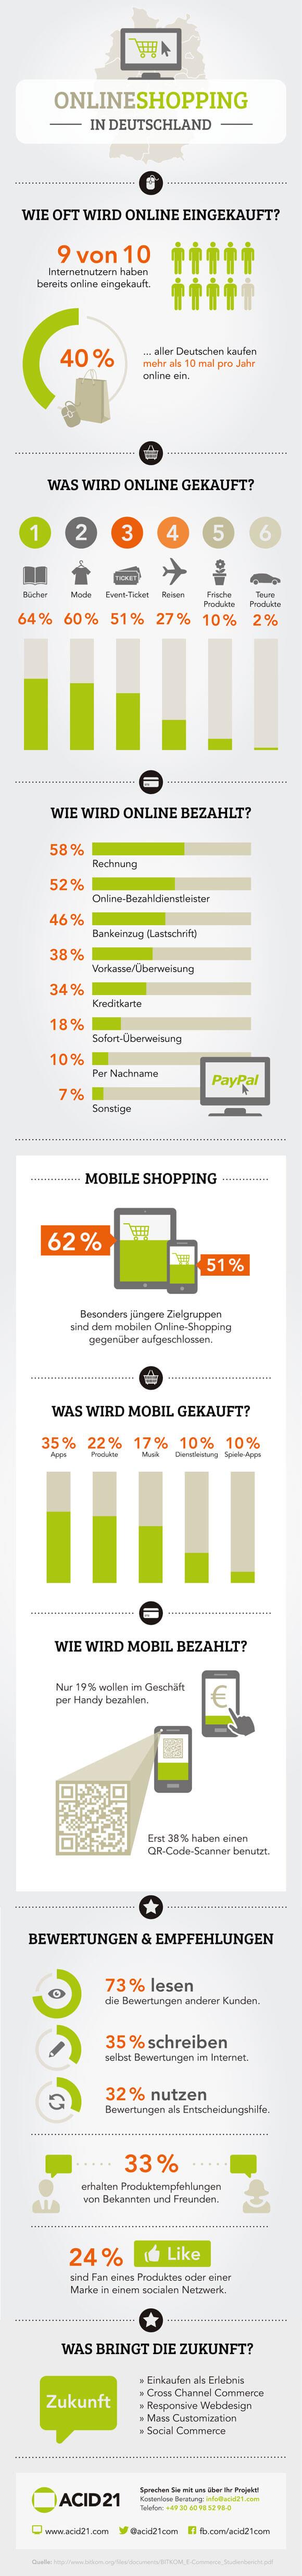 ds-infografik-shopping